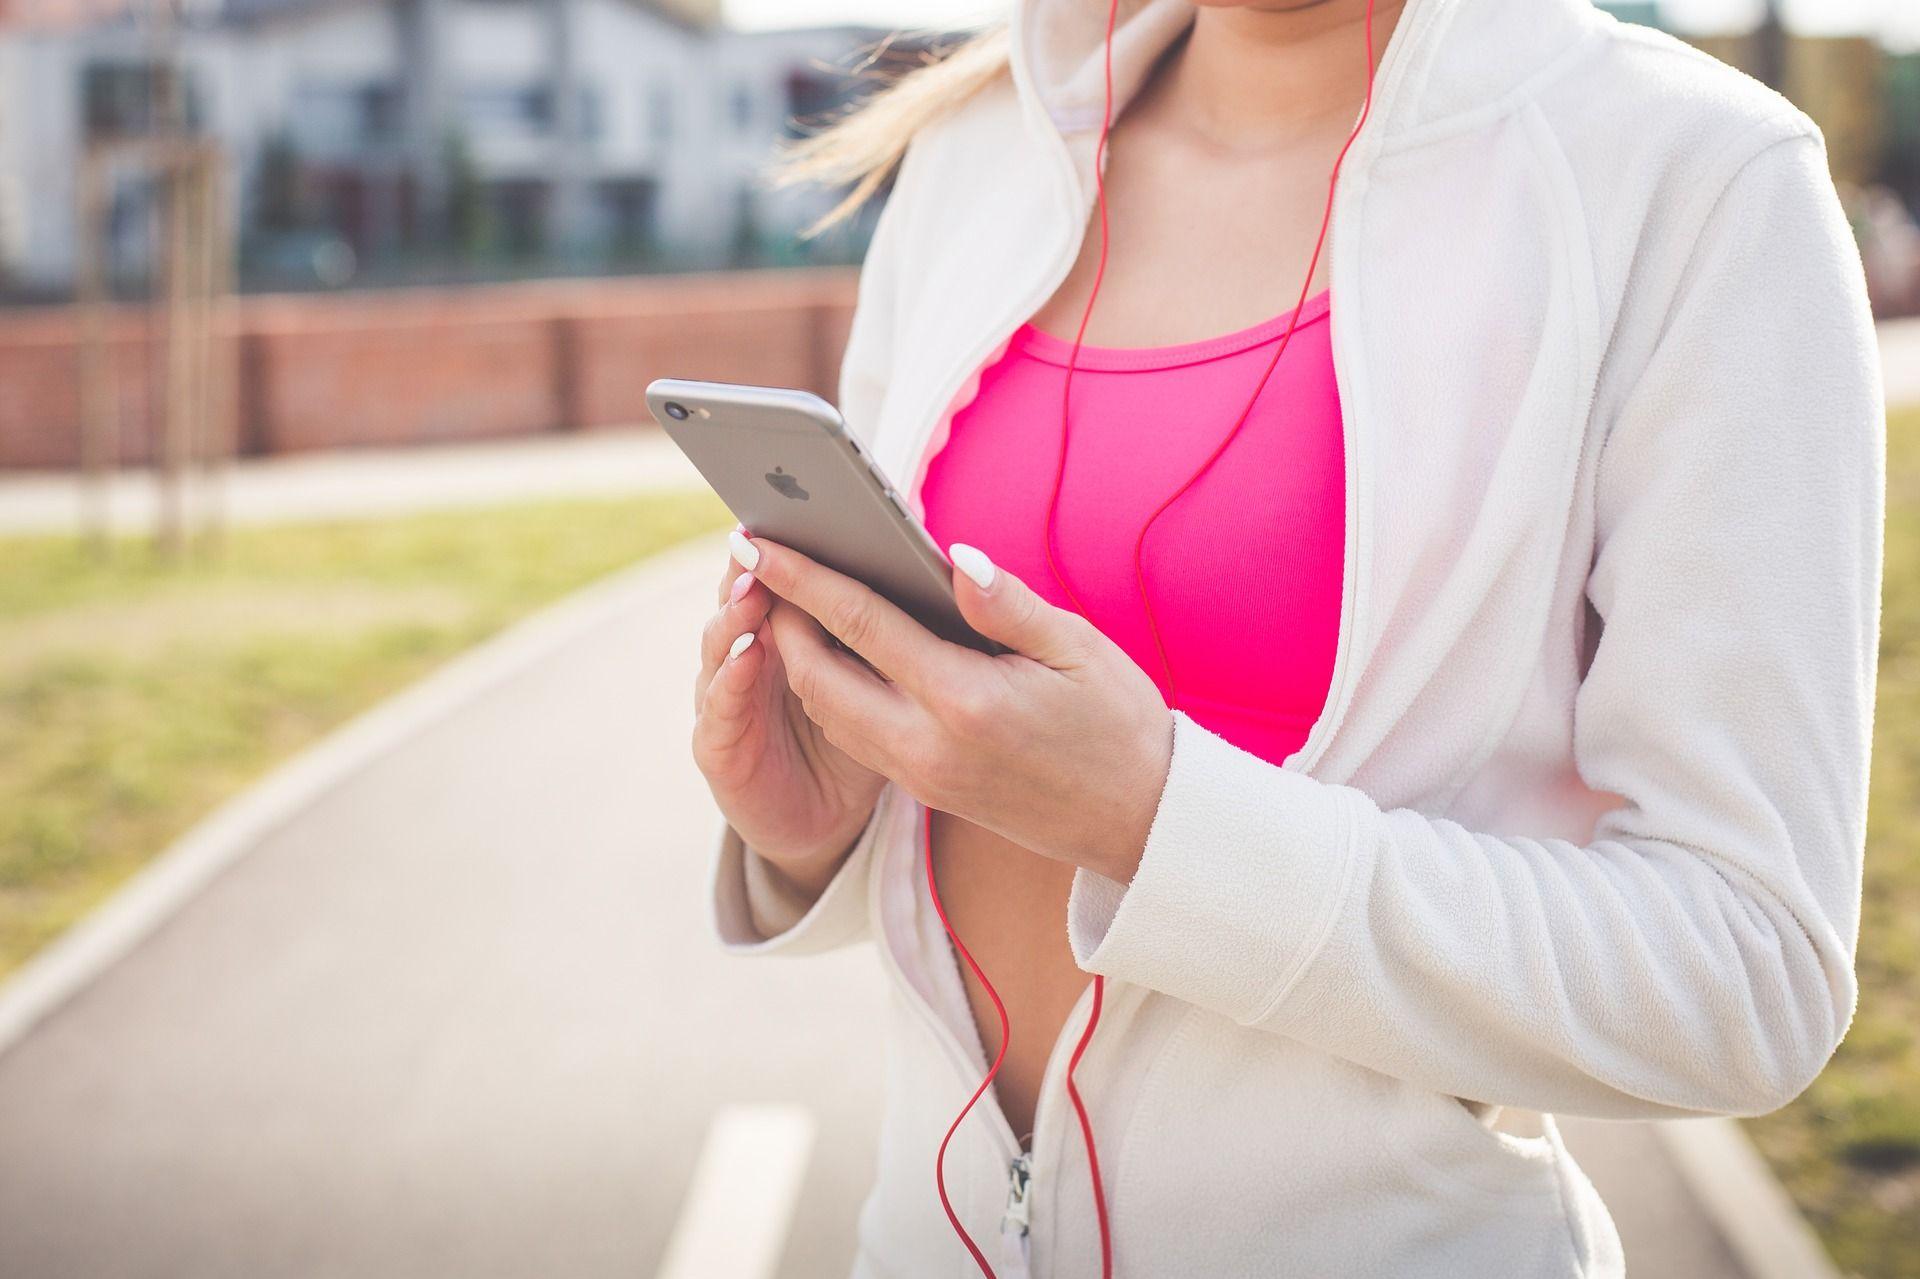 Разработан сервис для виртуального сопровождения женщин на прогулках